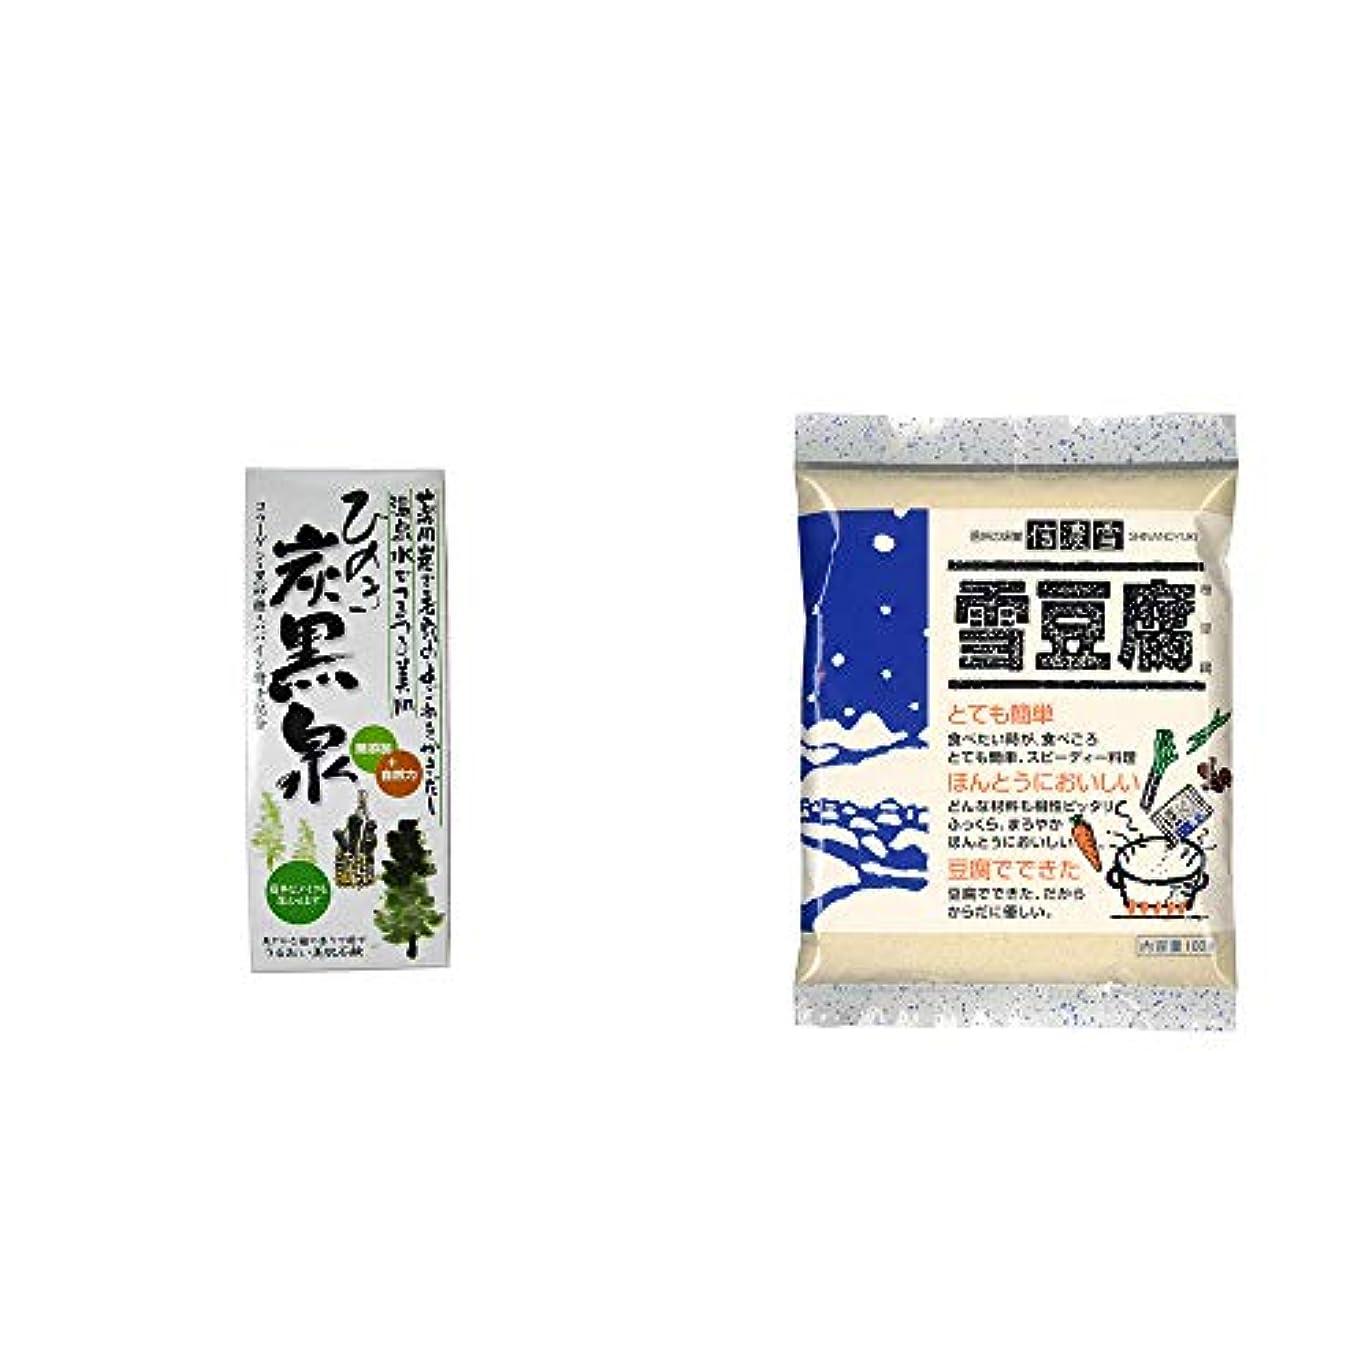 [2点セット] ひのき炭黒泉 箱入り(75g×3)?信濃雪 雪豆腐(粉豆腐)(100g)